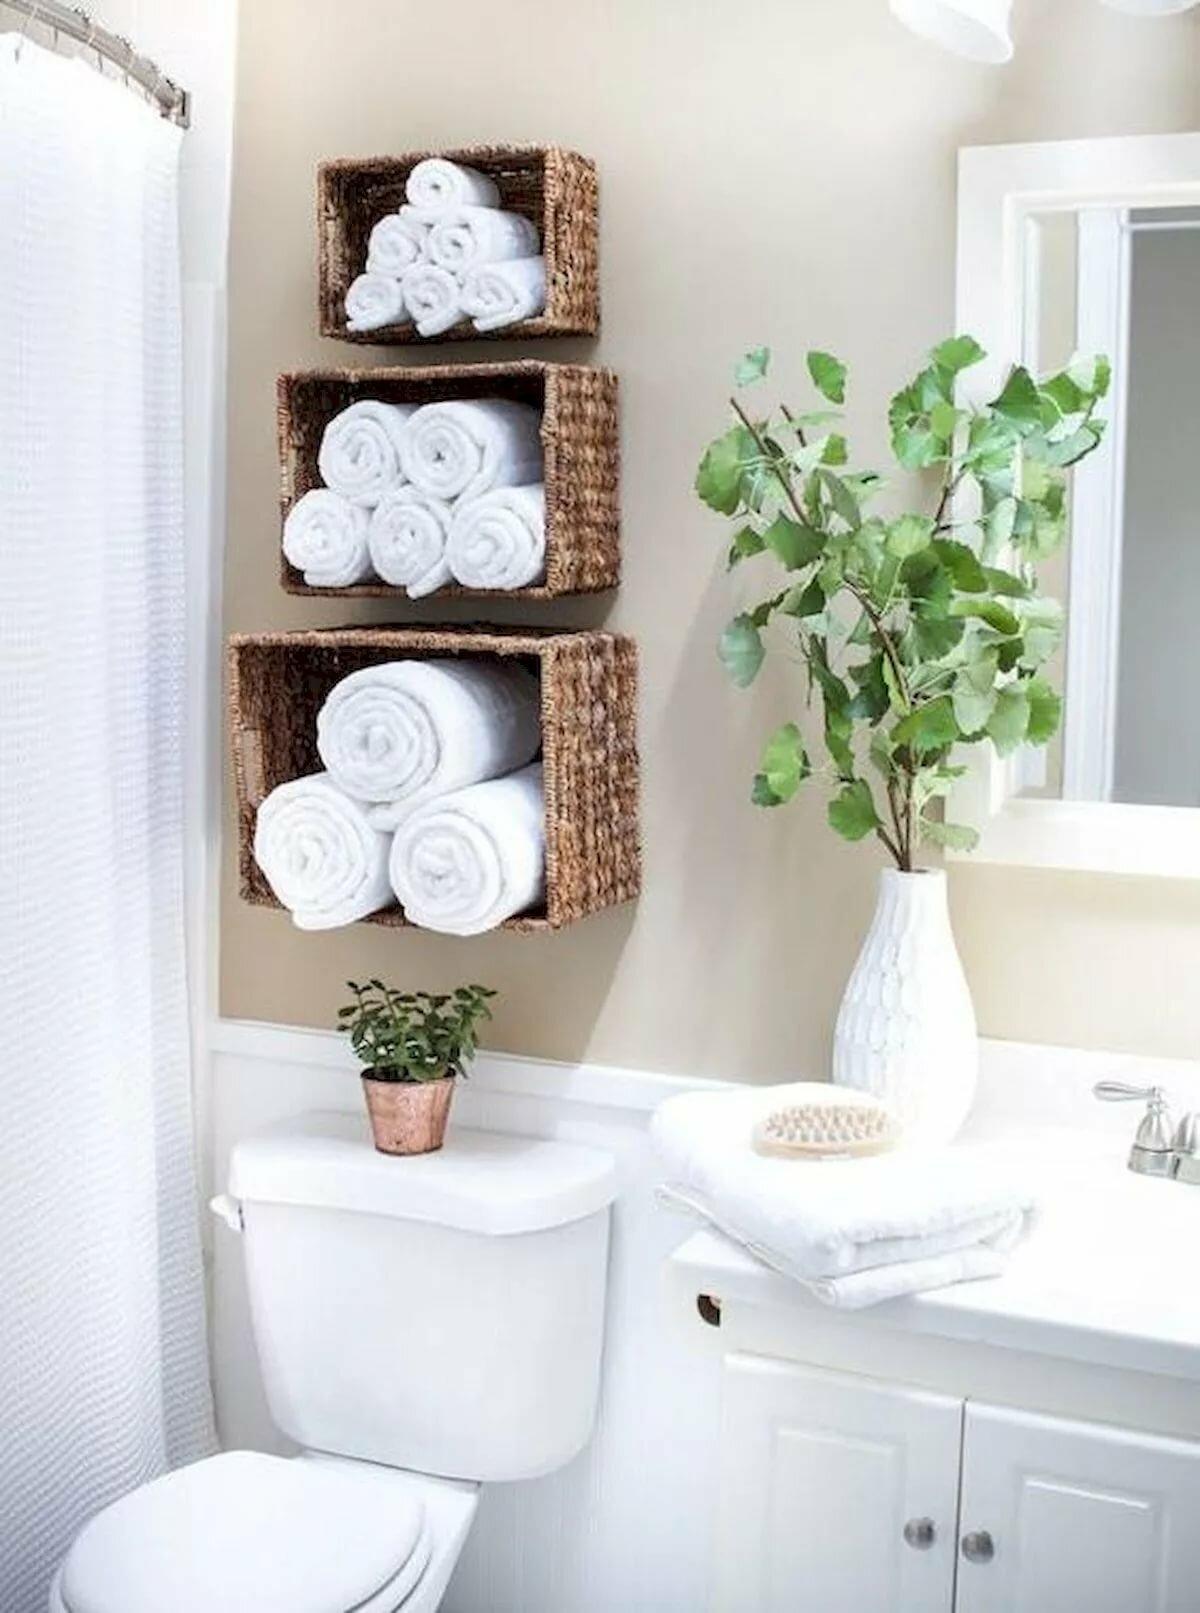 Дизайн интерьера маленькой ванной комнаты и оптимизация пространства